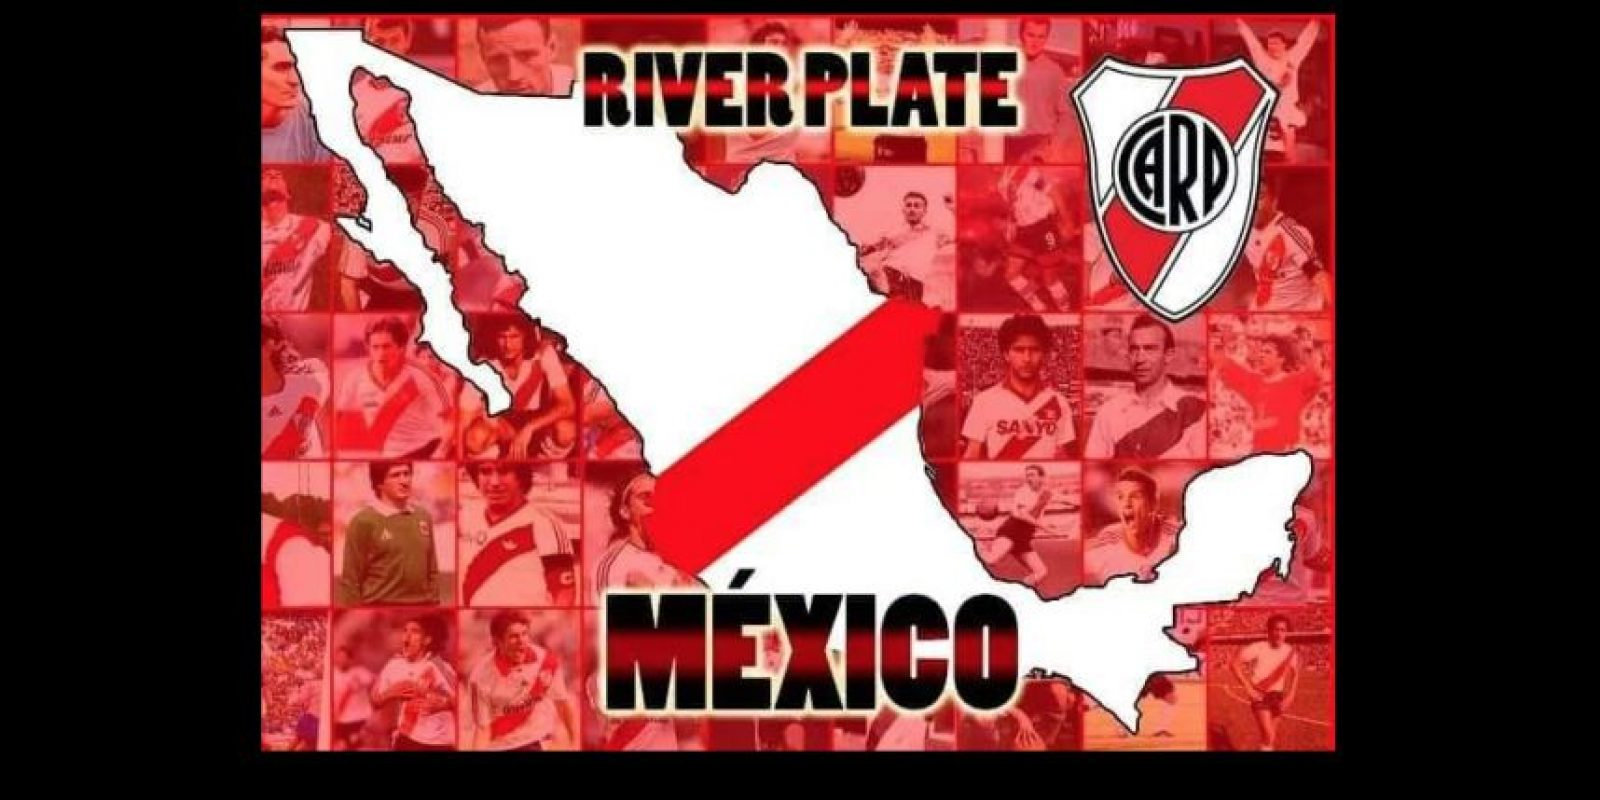 Porque muchos apoyaron a River Plate. Foto:Vía twitter.com